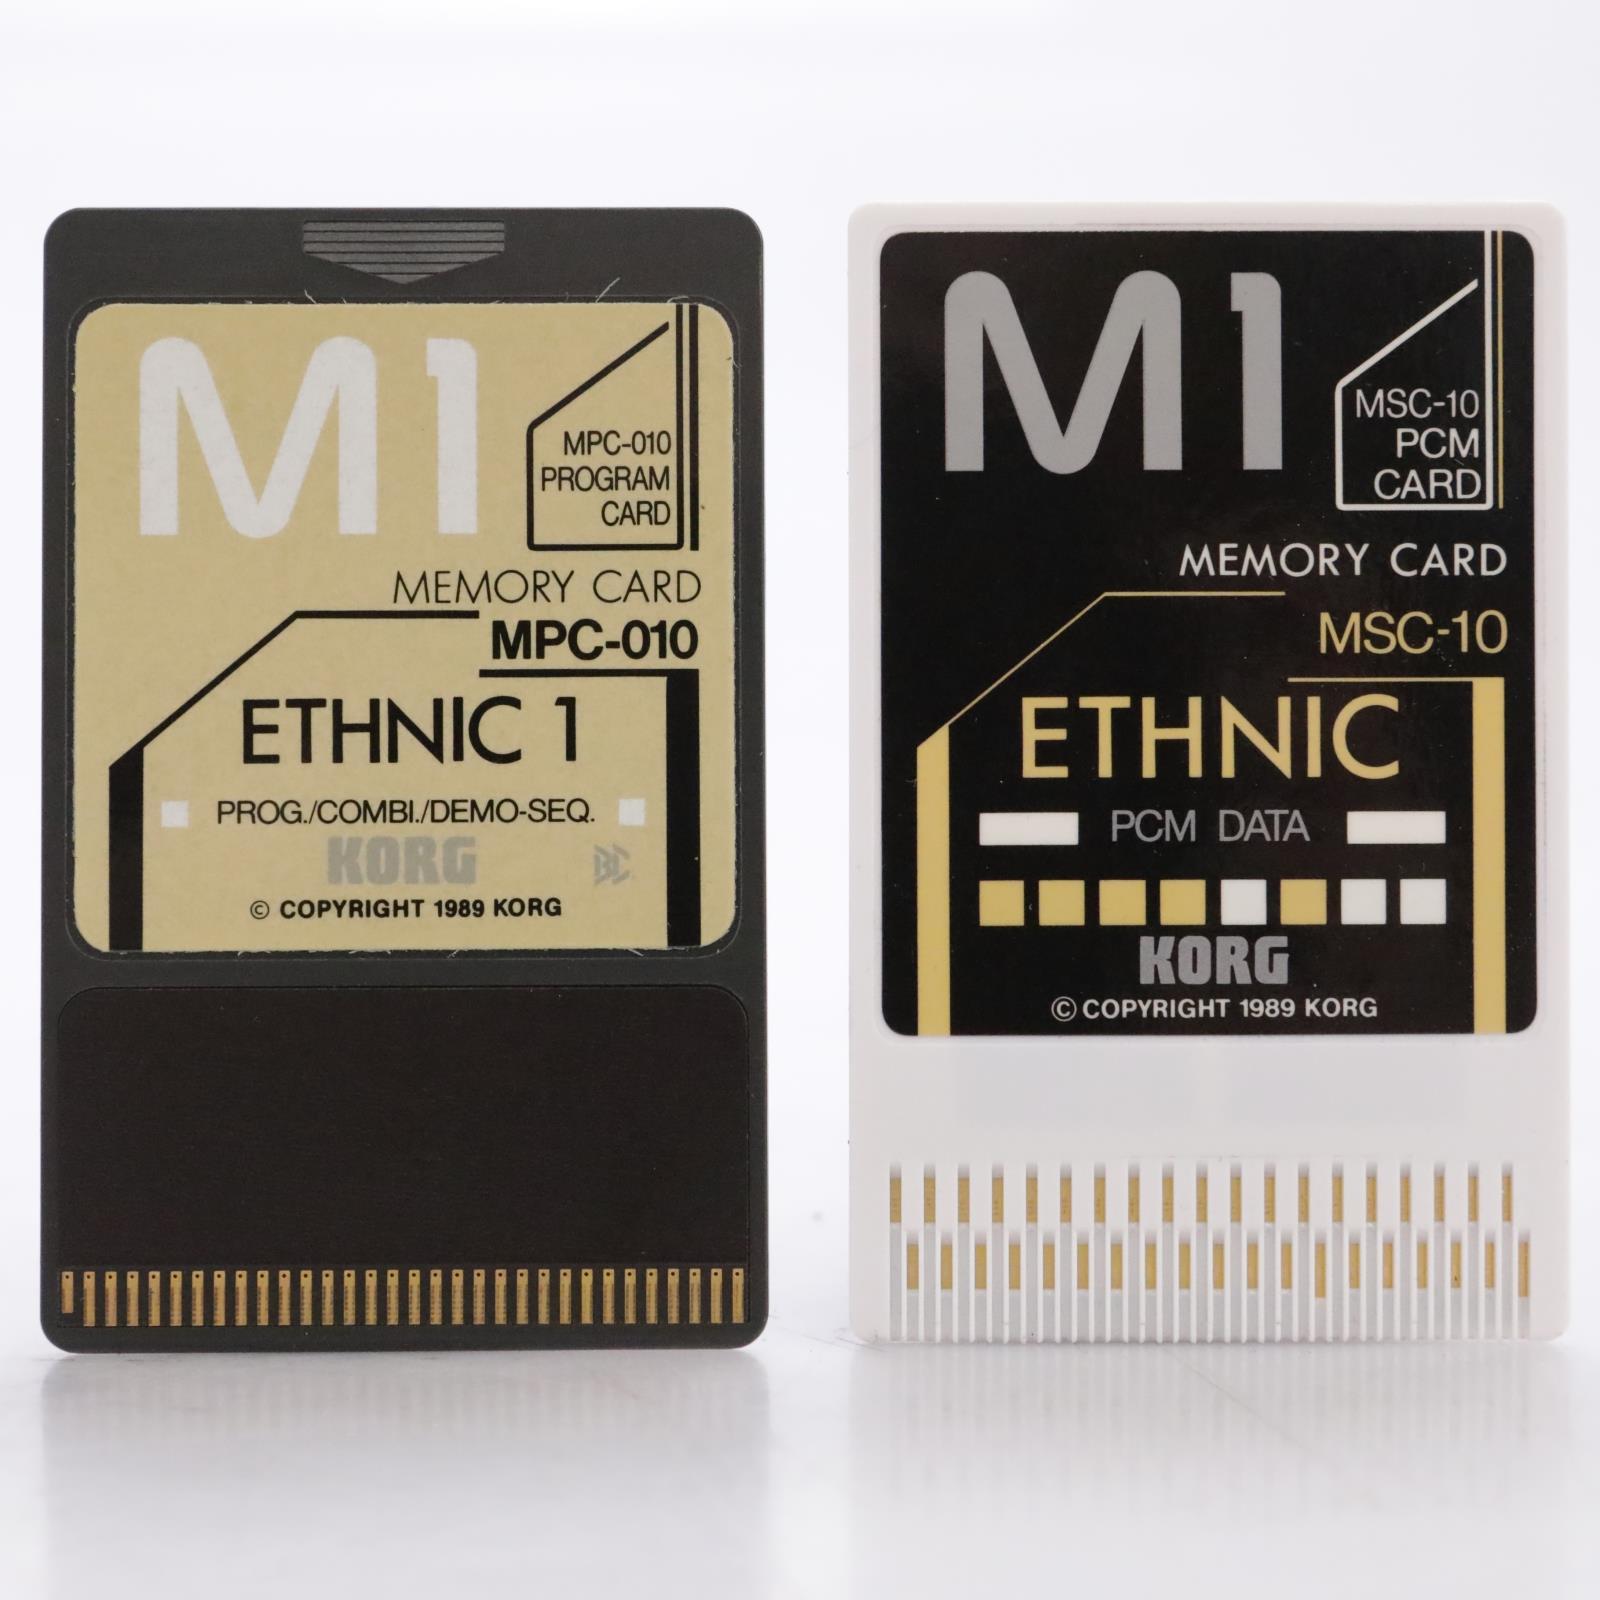 Korg MSC-10S / MSC-010 Ethnic 1 PCM Data Cards for Korg M1 #44180